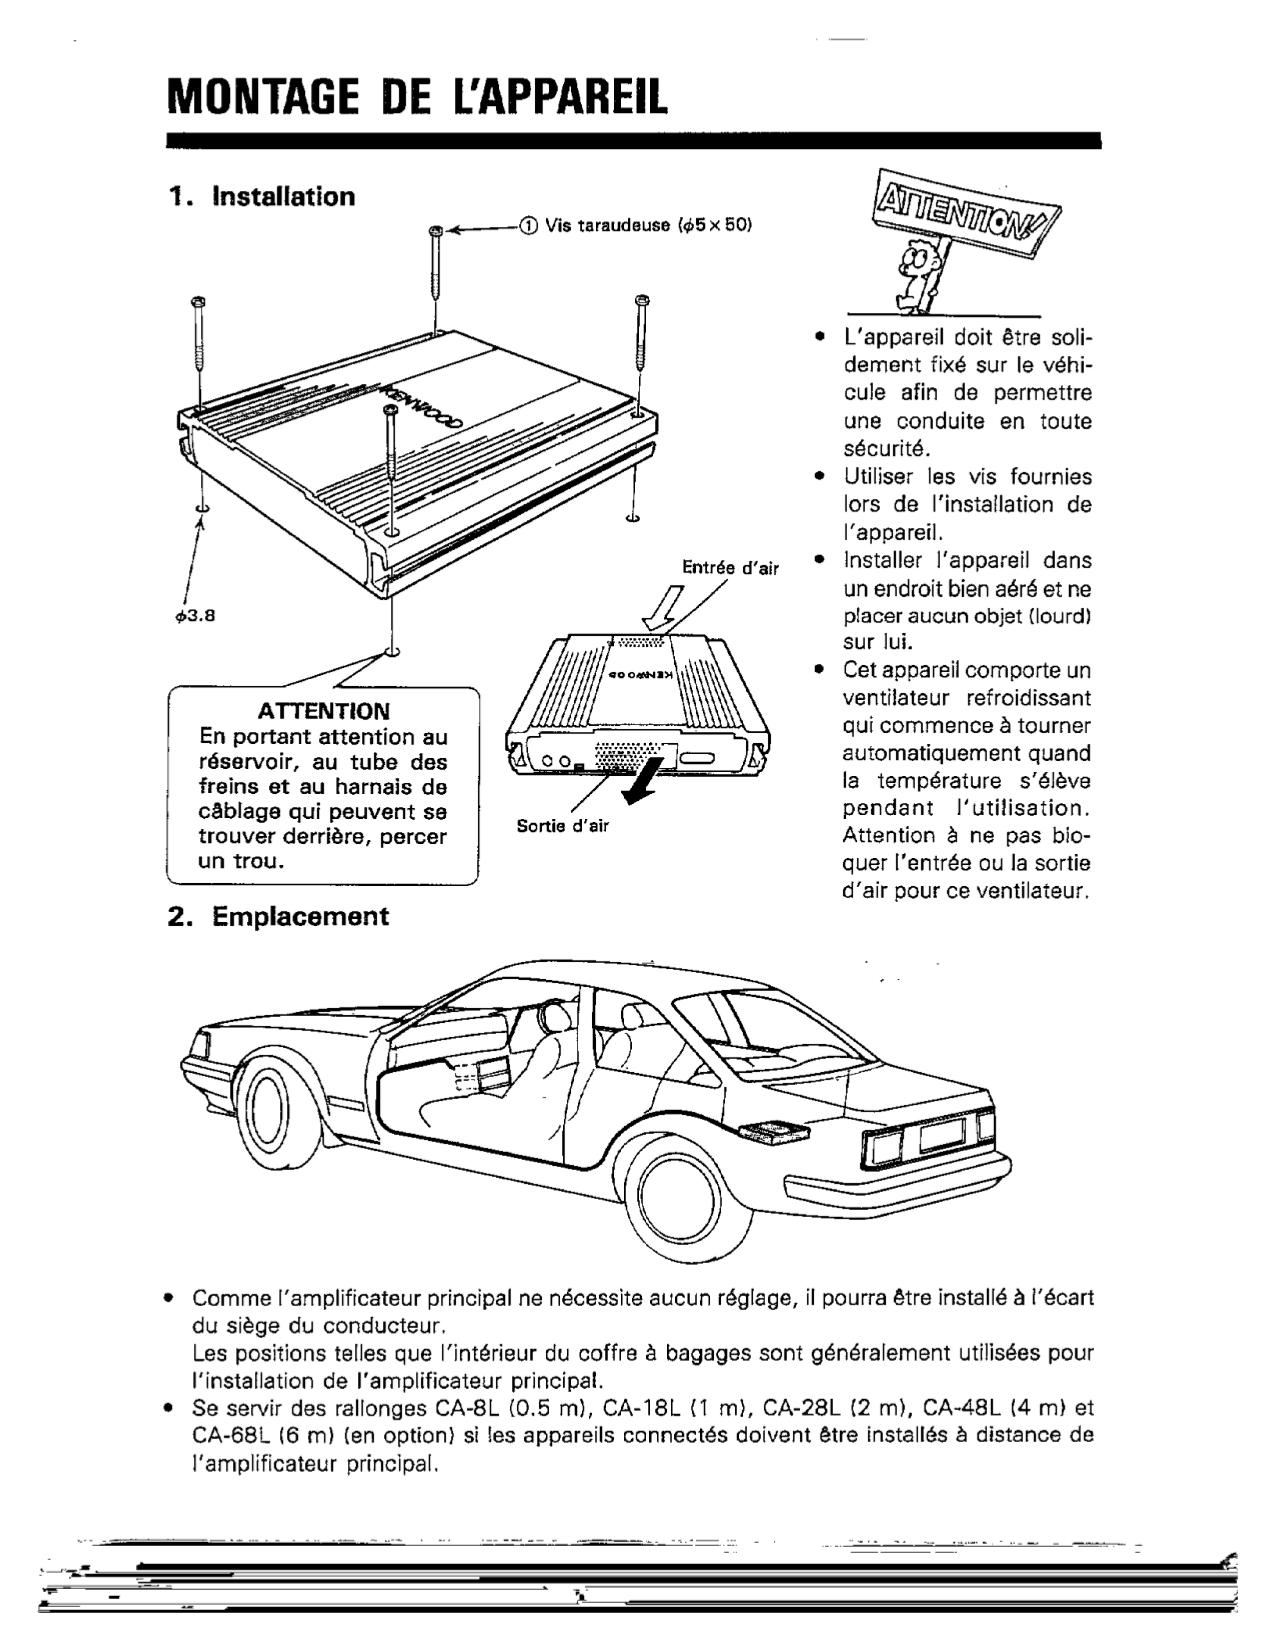 pdf manual for kenwood amp kac 921 bose amp wiring diagram kenwood amp kac 921 pdf page preview